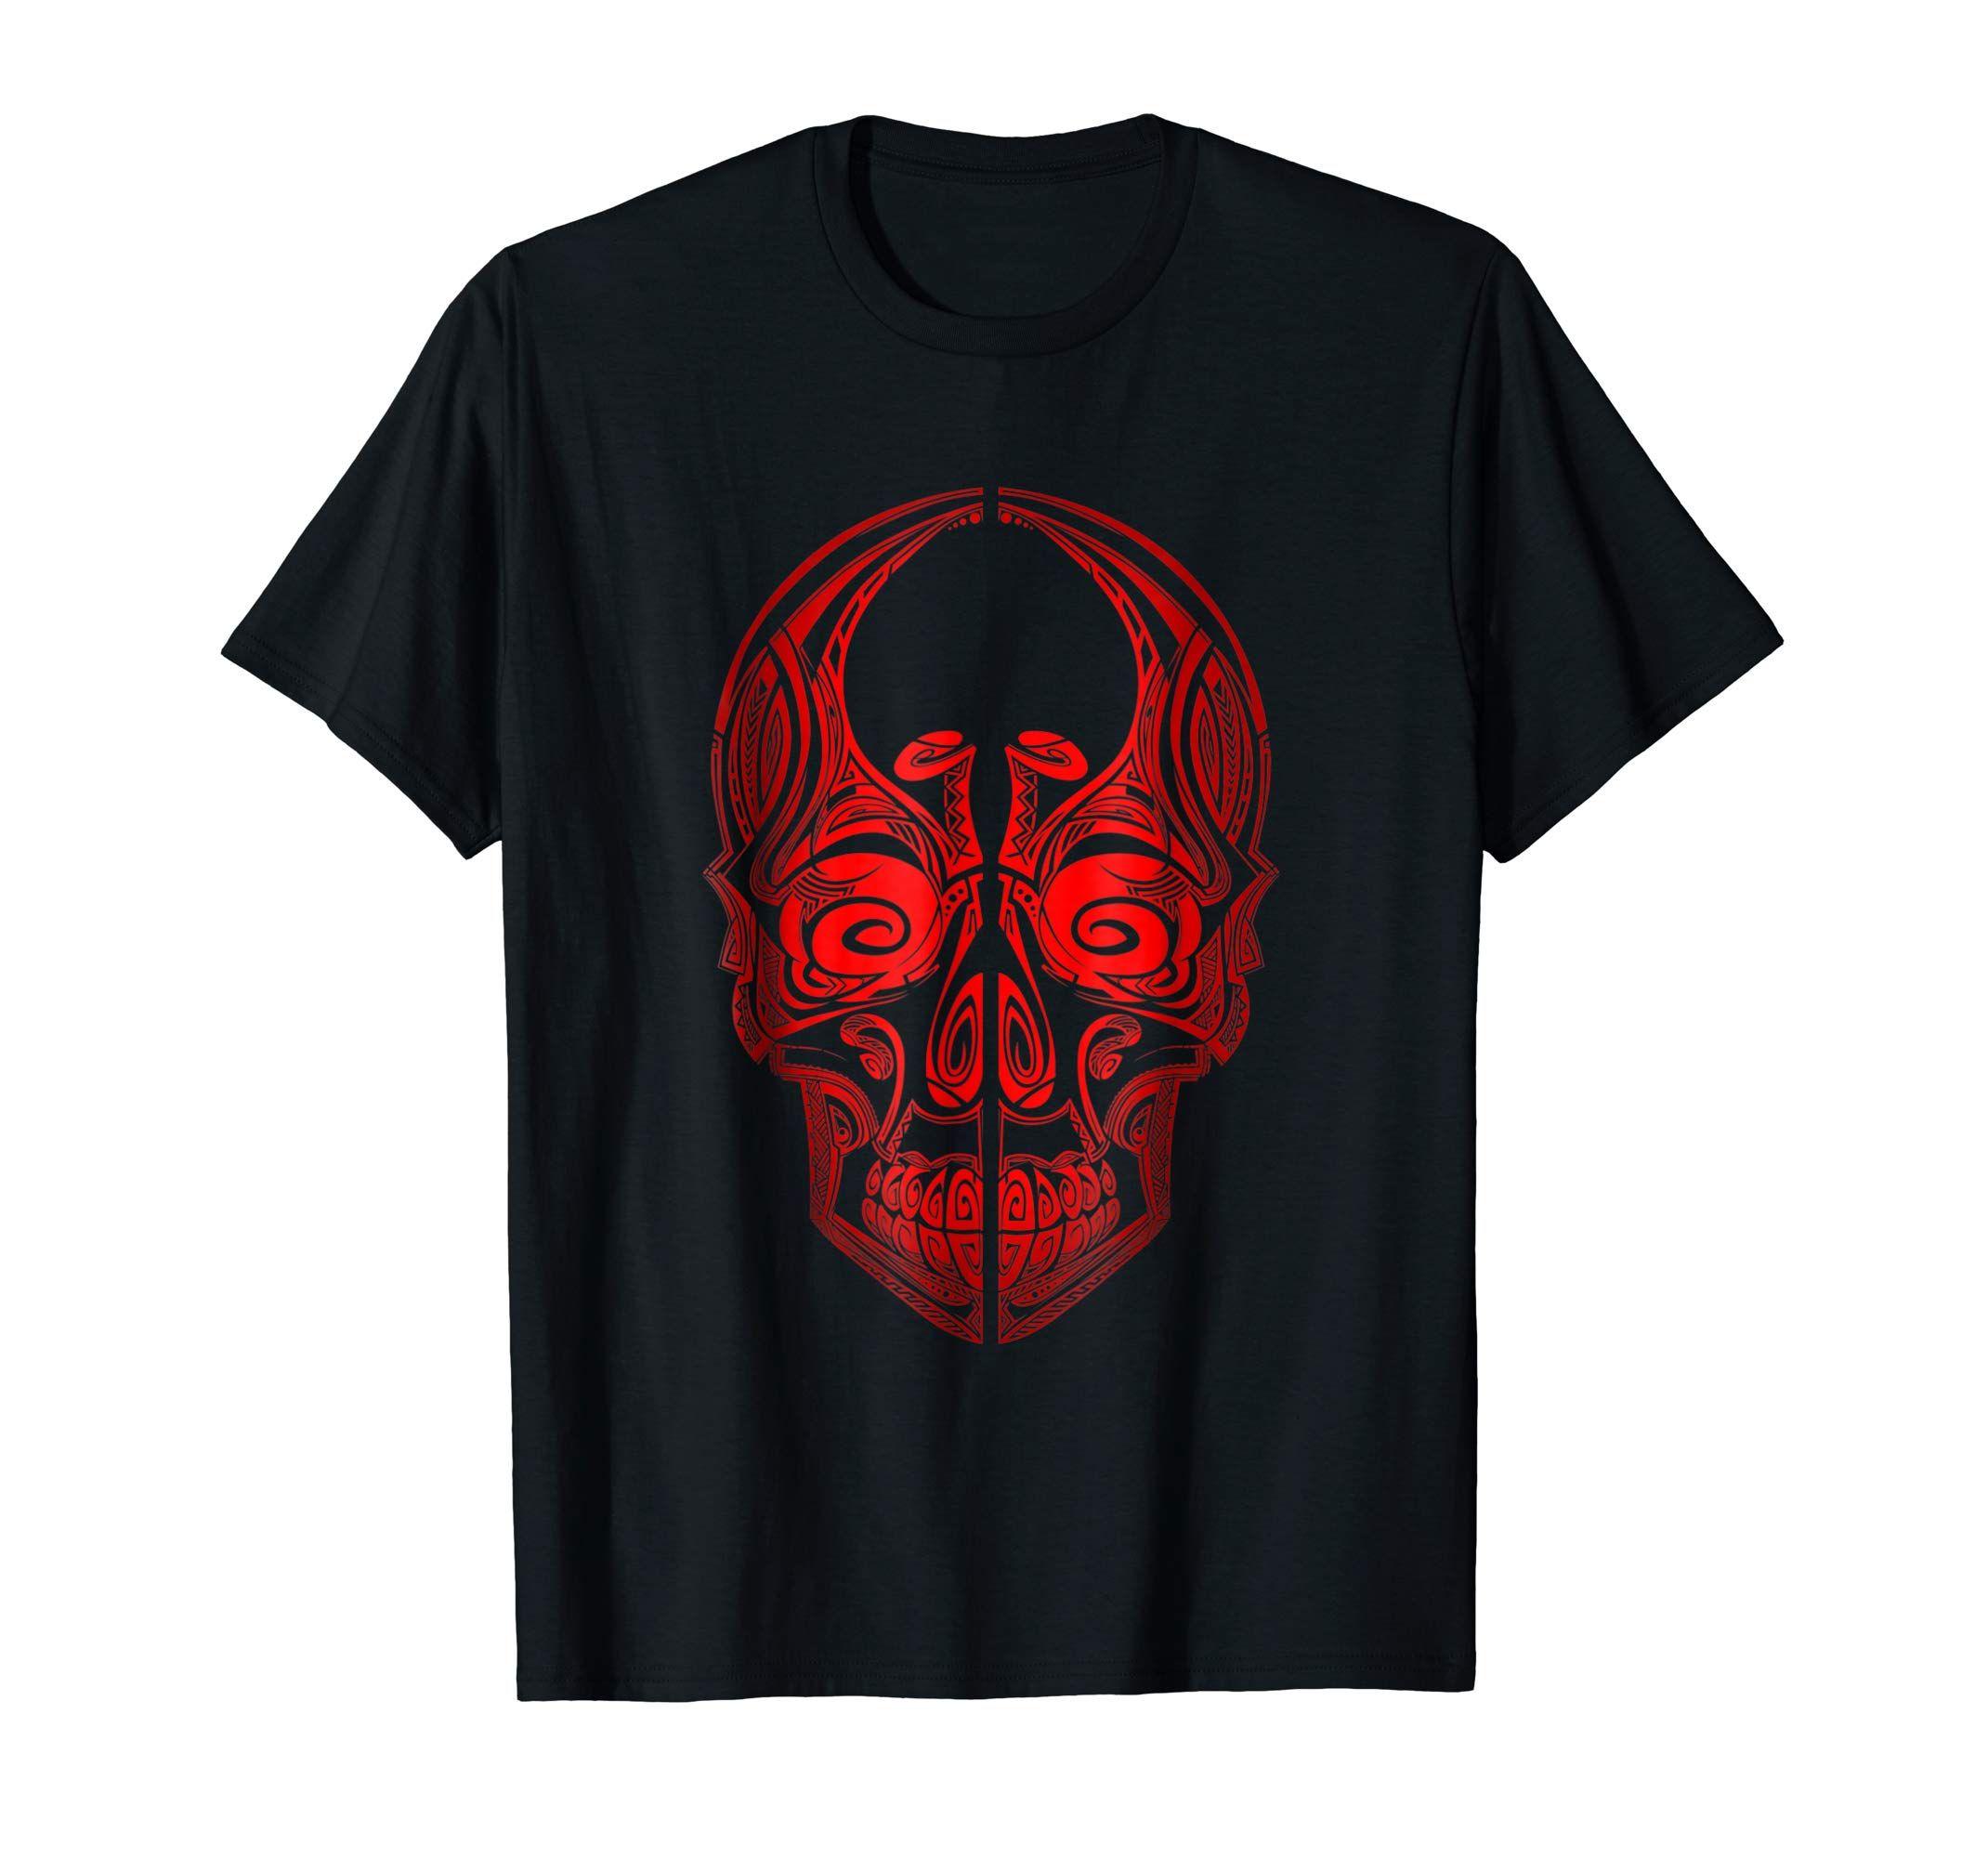 Amazon Com Skull T Shirt Maori Tattoo Design Cool Skull Tattoo Shirt Clothing Tattoo Shirts Vintage Tshirts Shirts